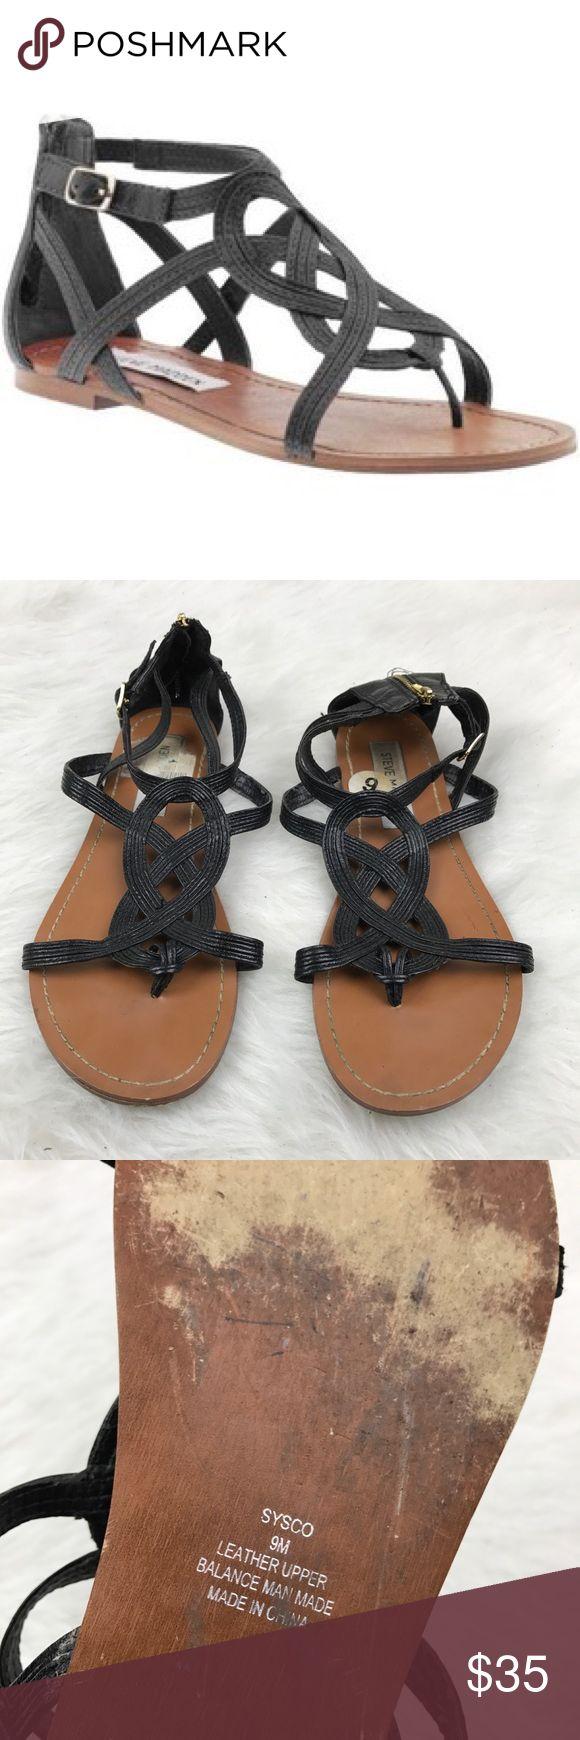 Steve Madden Sysco Sandal Leather upper SZ 9 Black leather Steve Madden Shoes Sandals